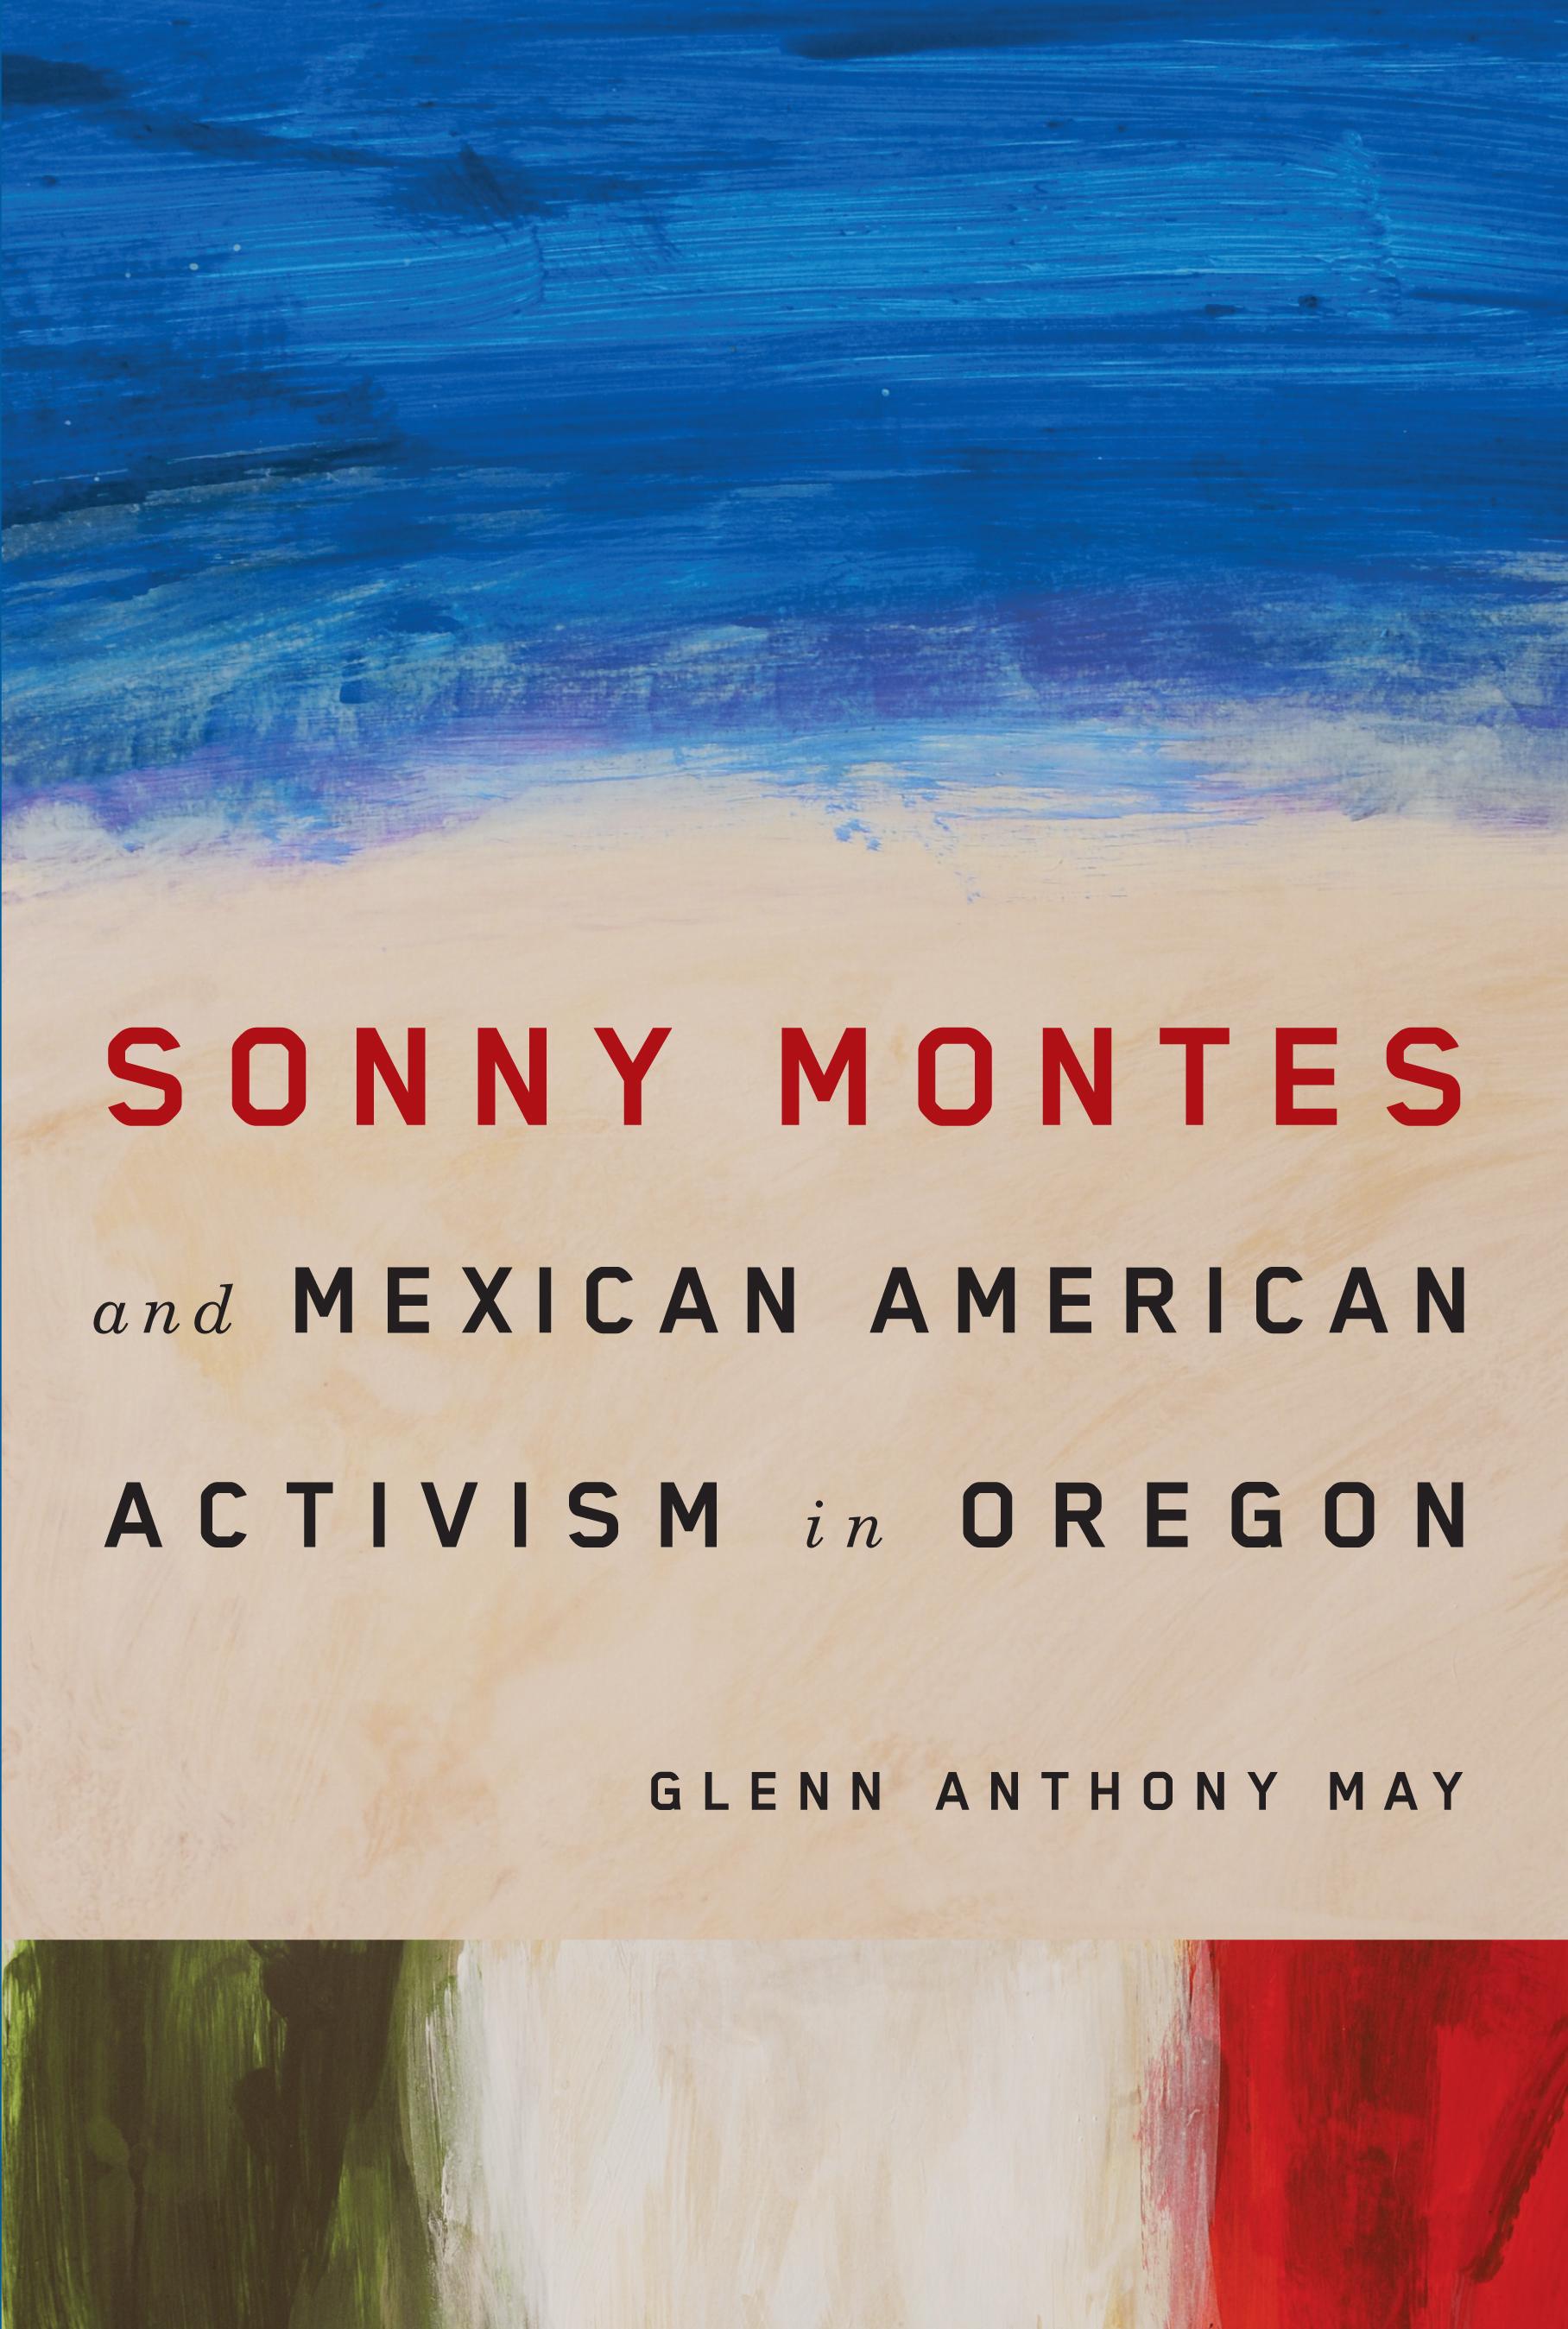 SonnyMontes